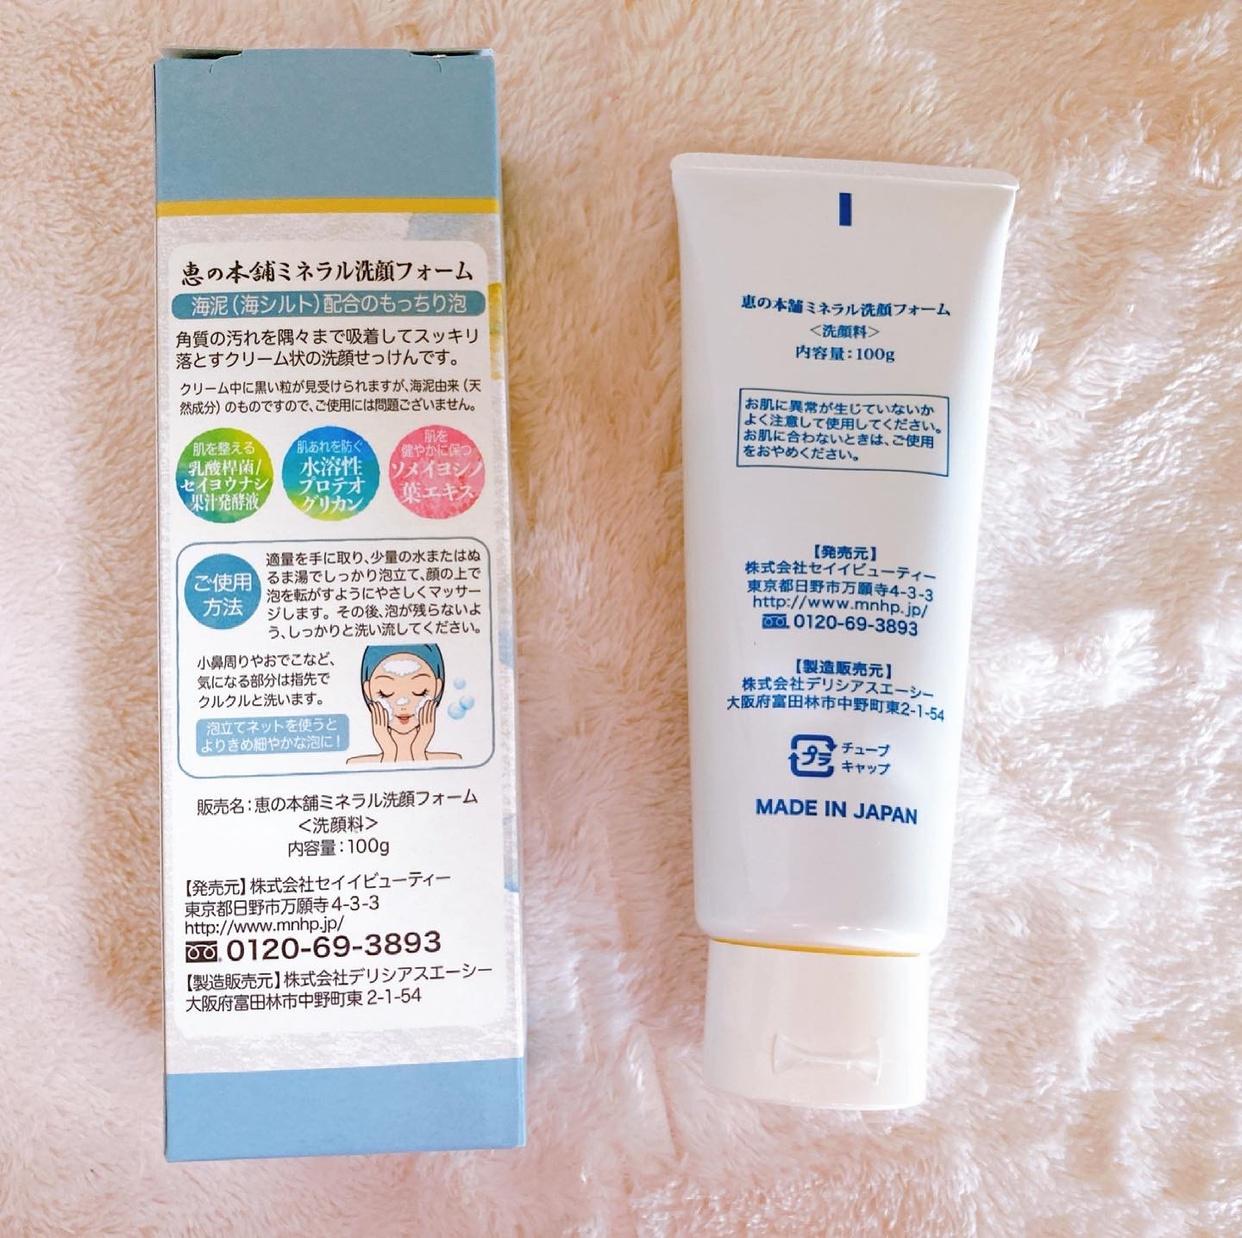 恵の本舗(MEGUMI no HONPO) ミネラル洗顔フォームを使ったメグさんのクチコミ画像2